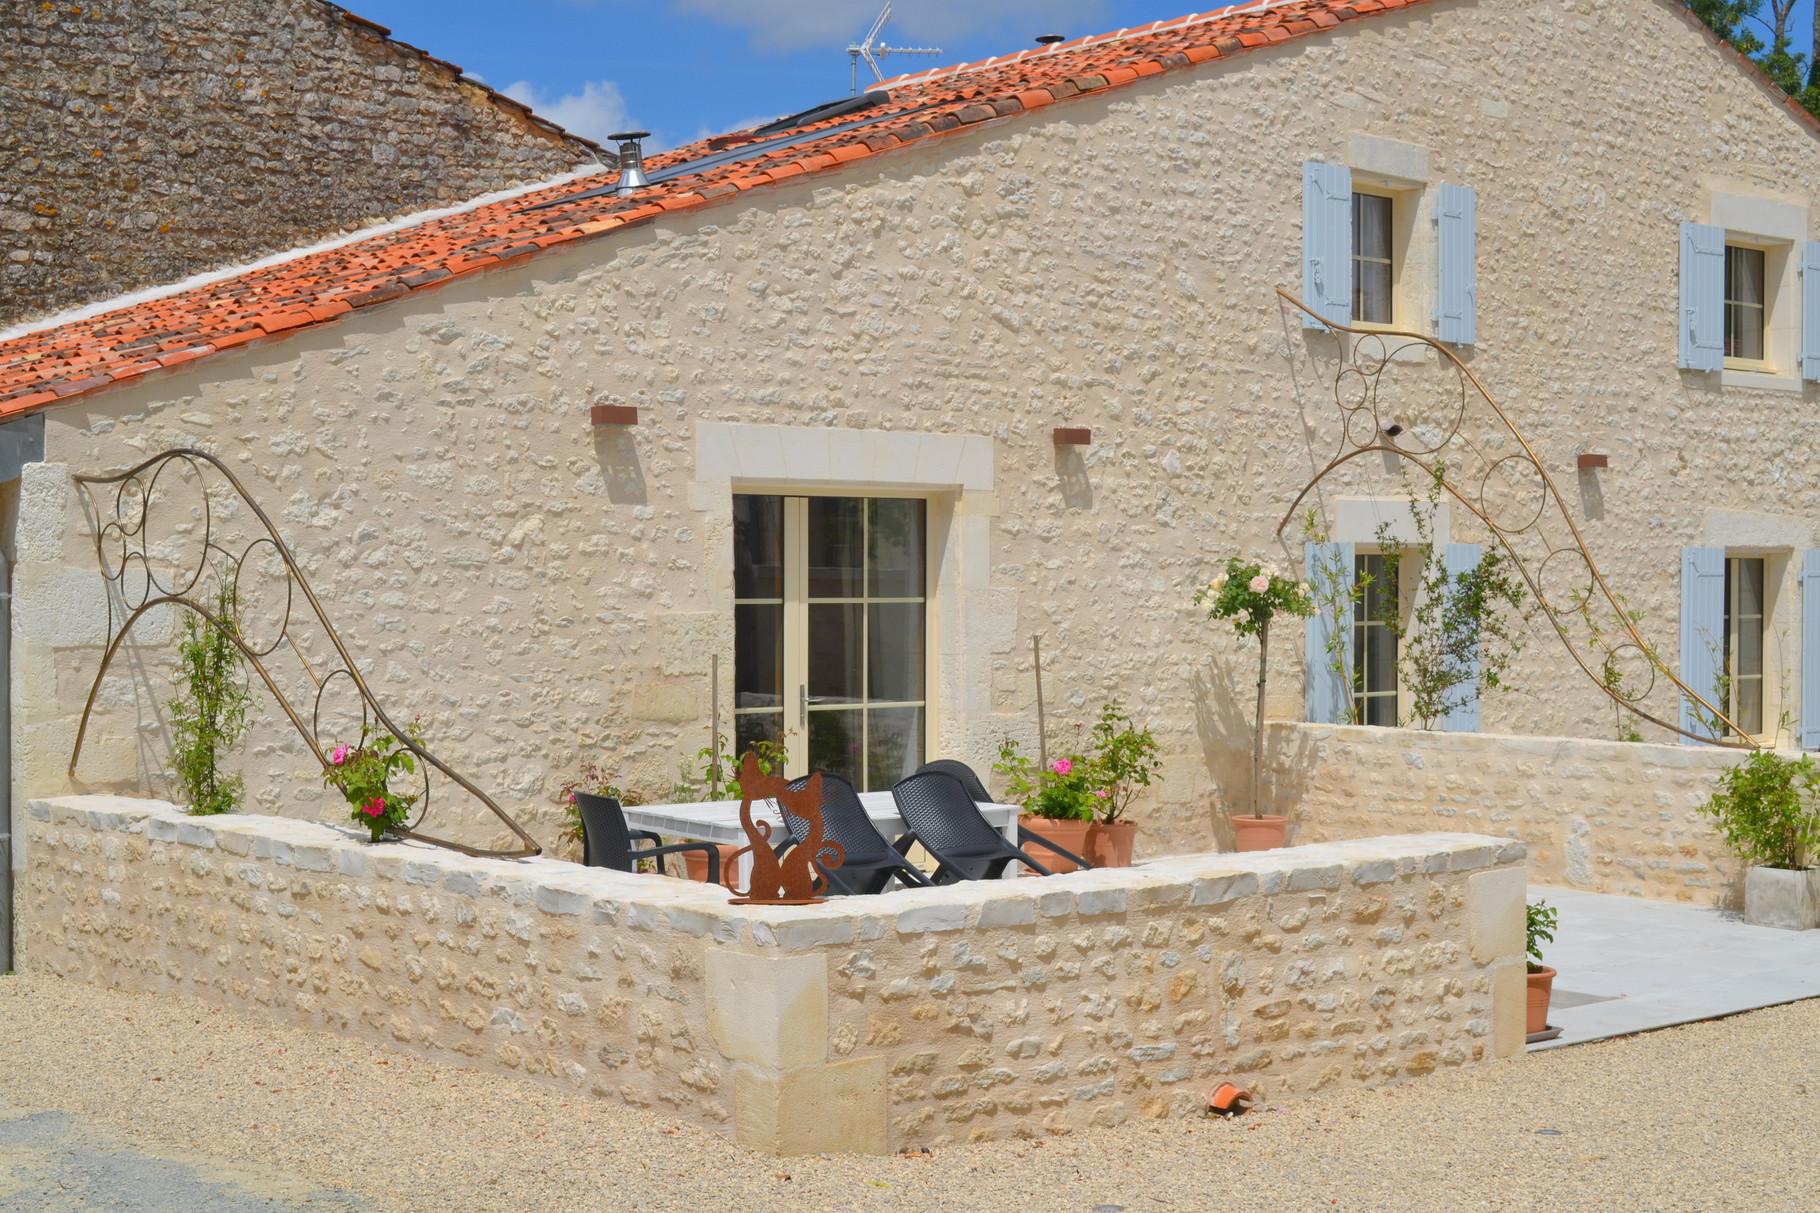 Terrasse La Petite Grange - salon extérieur pour manger